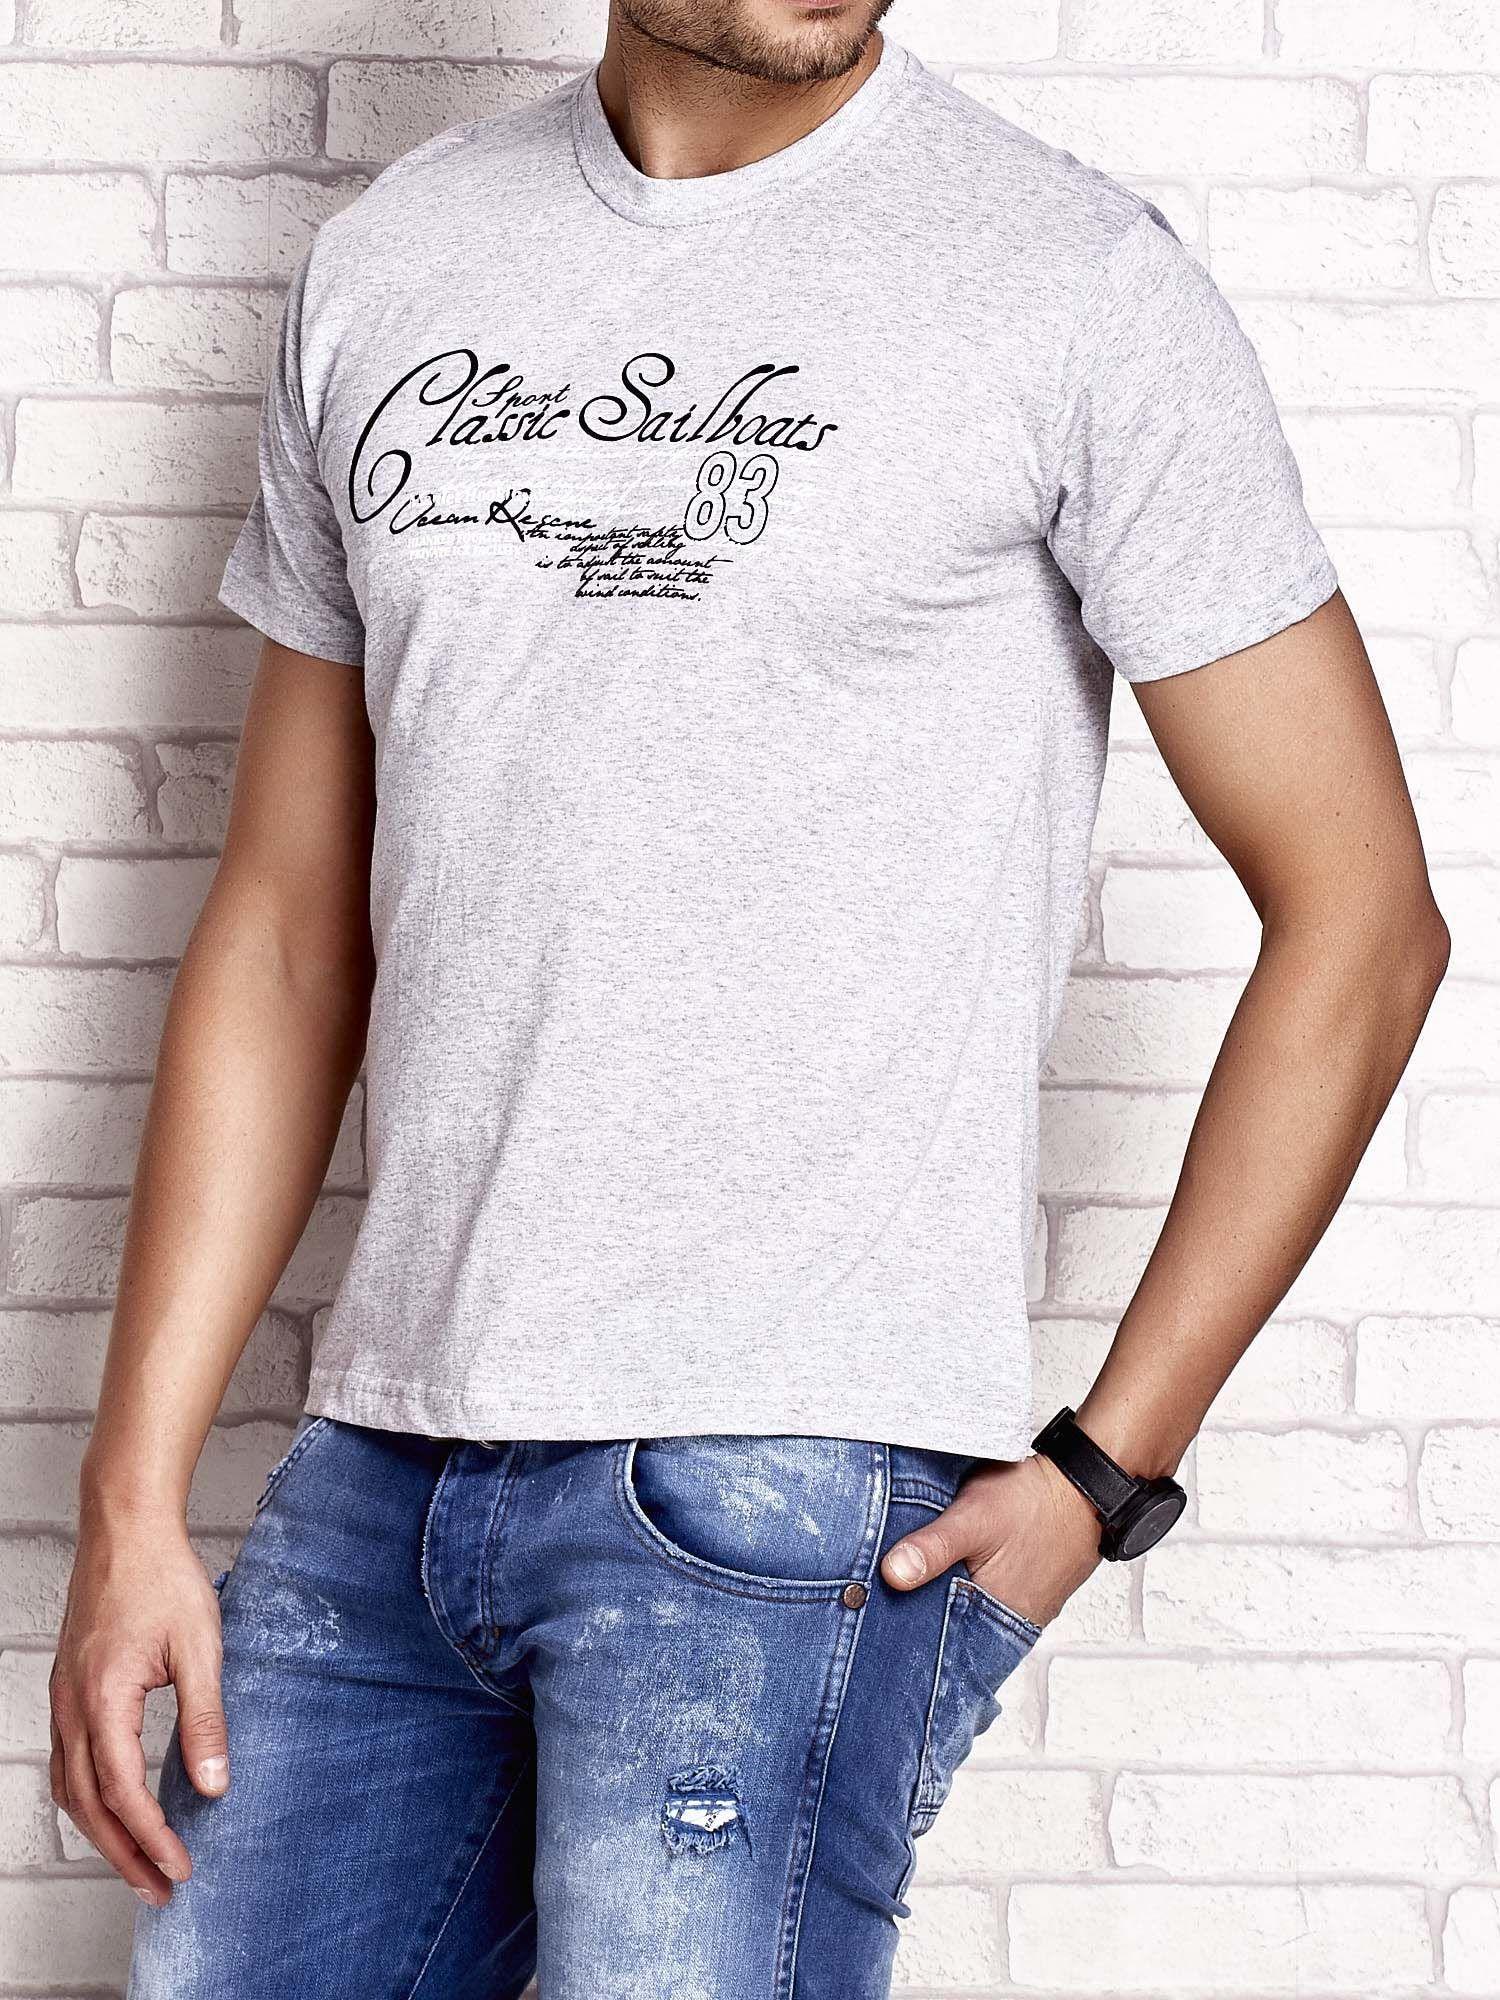 Szary t-shirt męski z napisami i liczbą 83                                  zdj.                                  3